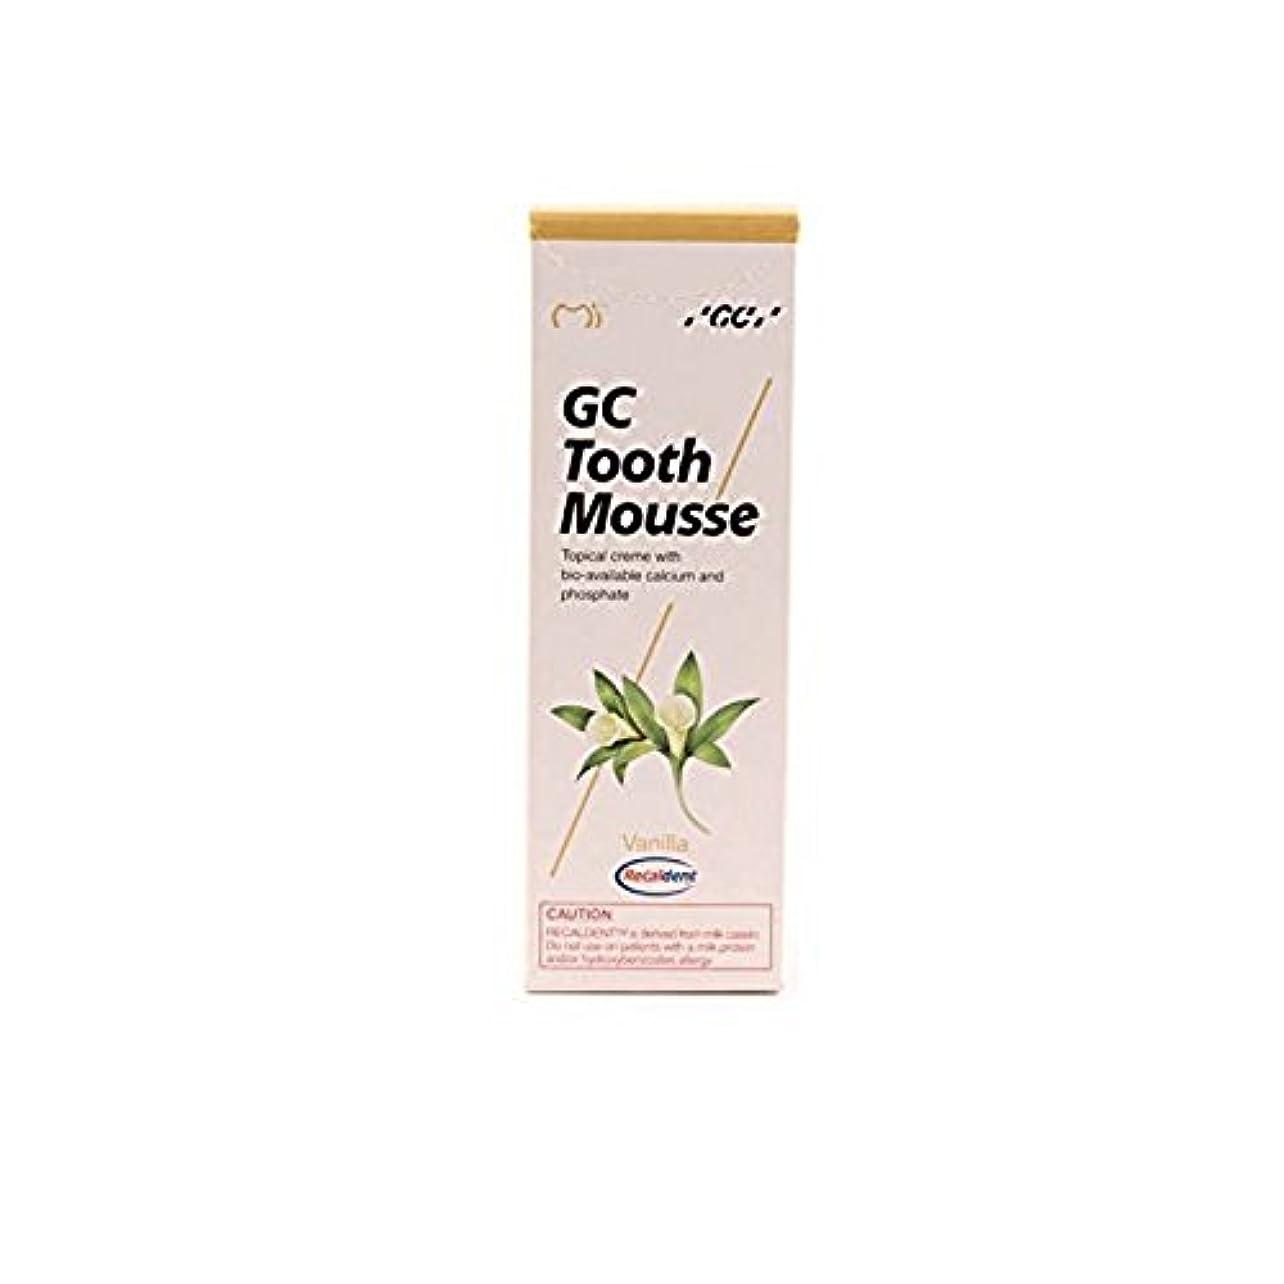 かんたんそう始まりGc の歯のムース練り歯磨き粉の盛り合わせの味40g (バニラ (Vanilla))